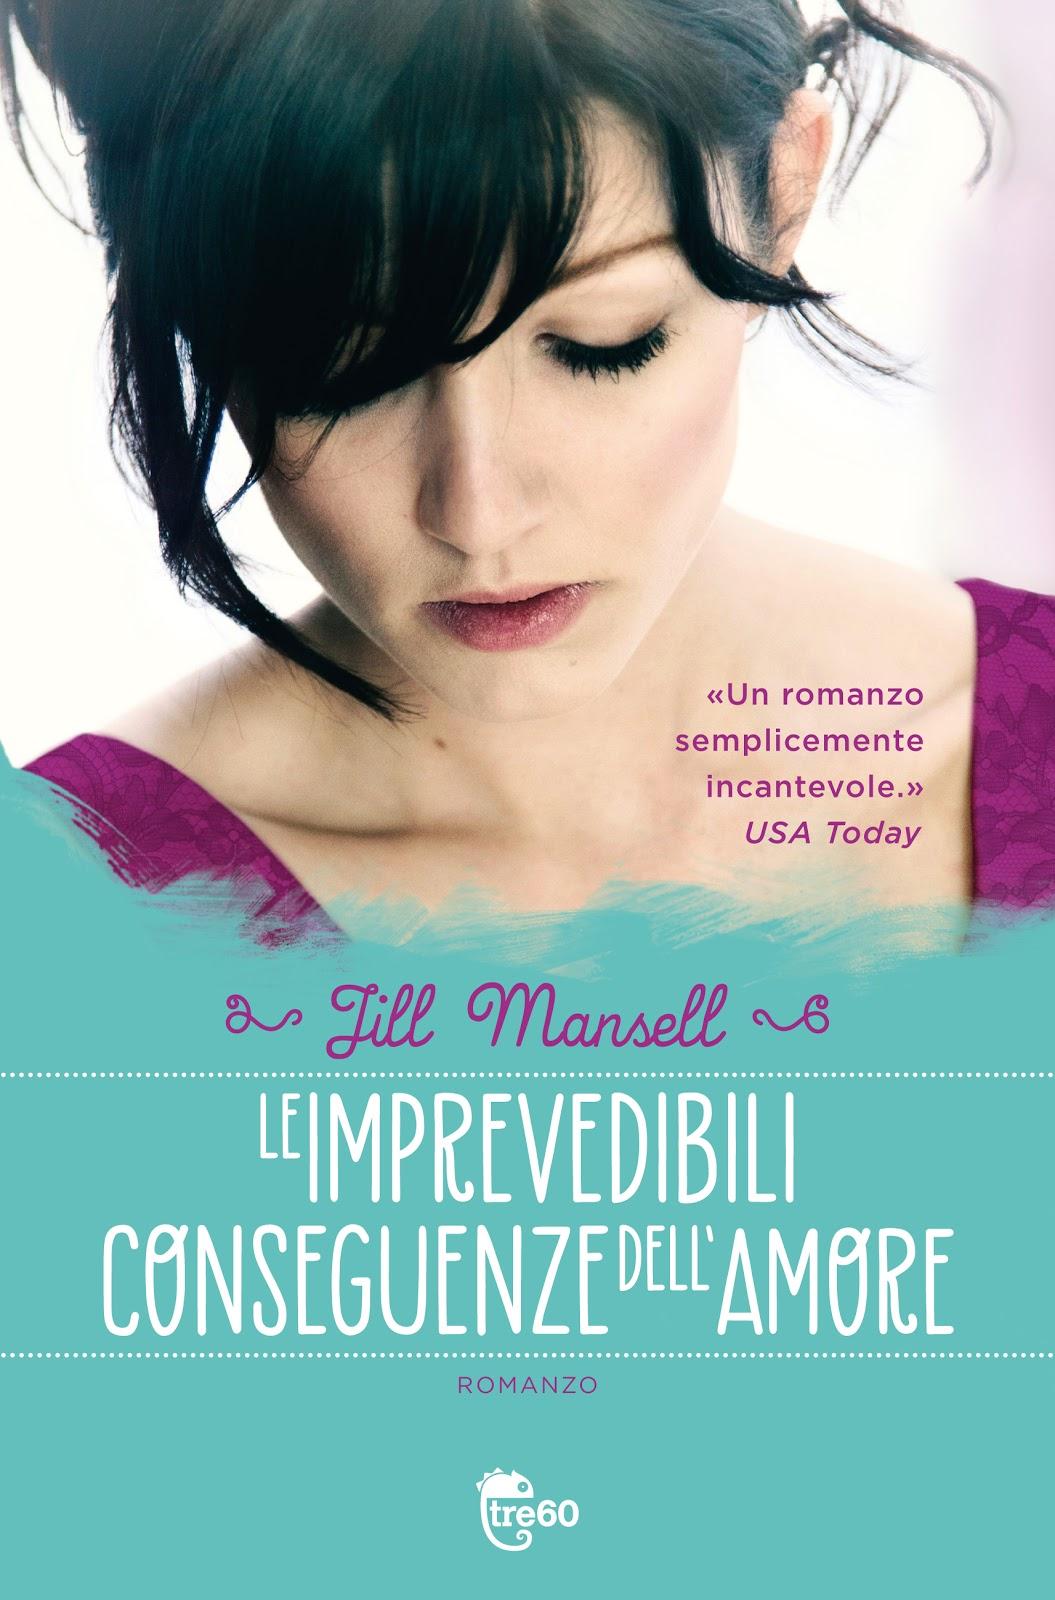 Le imprevedibili conseguenze dell'amore, un libro di Jill Mansell